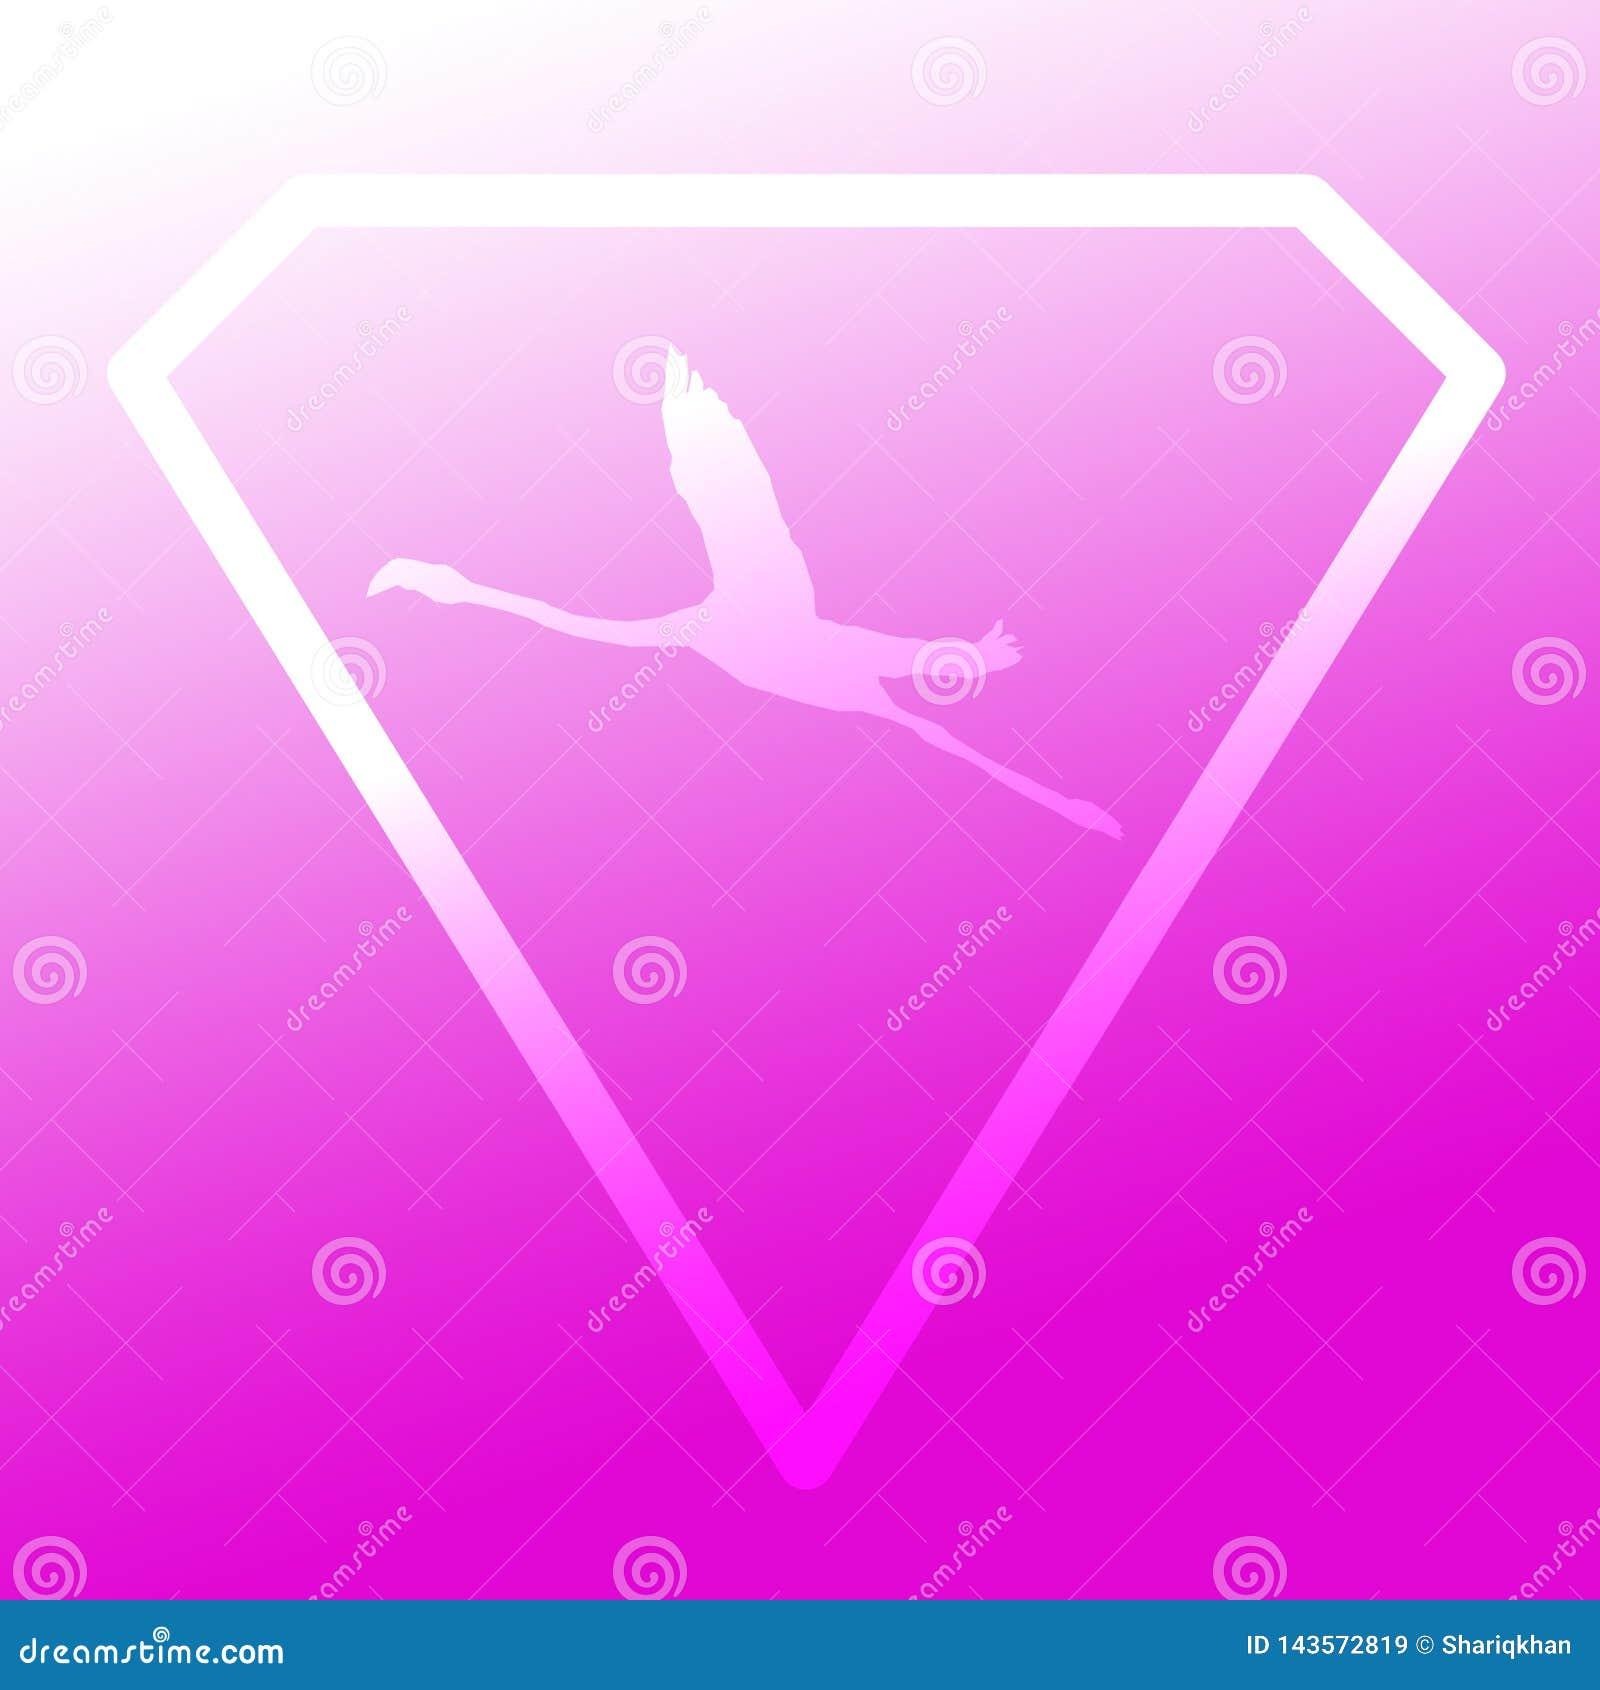 Logo sztandaru wizerunku Latającego ptaka flaming w Diamentowym kształcie na Magenta tle